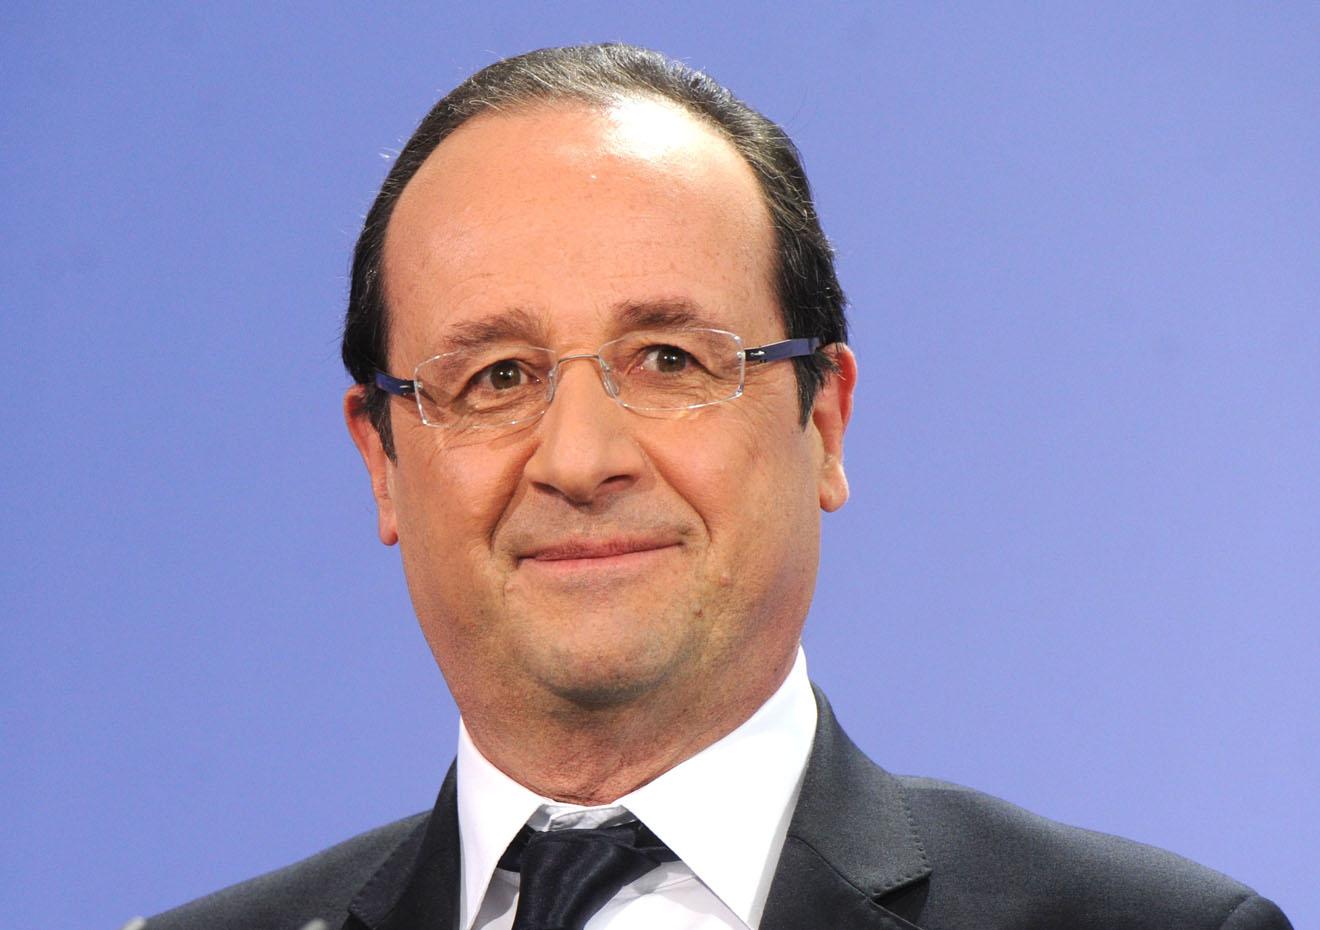 François Hollande a l'impression de participer à une émission de téléréalité depuis 2012 !